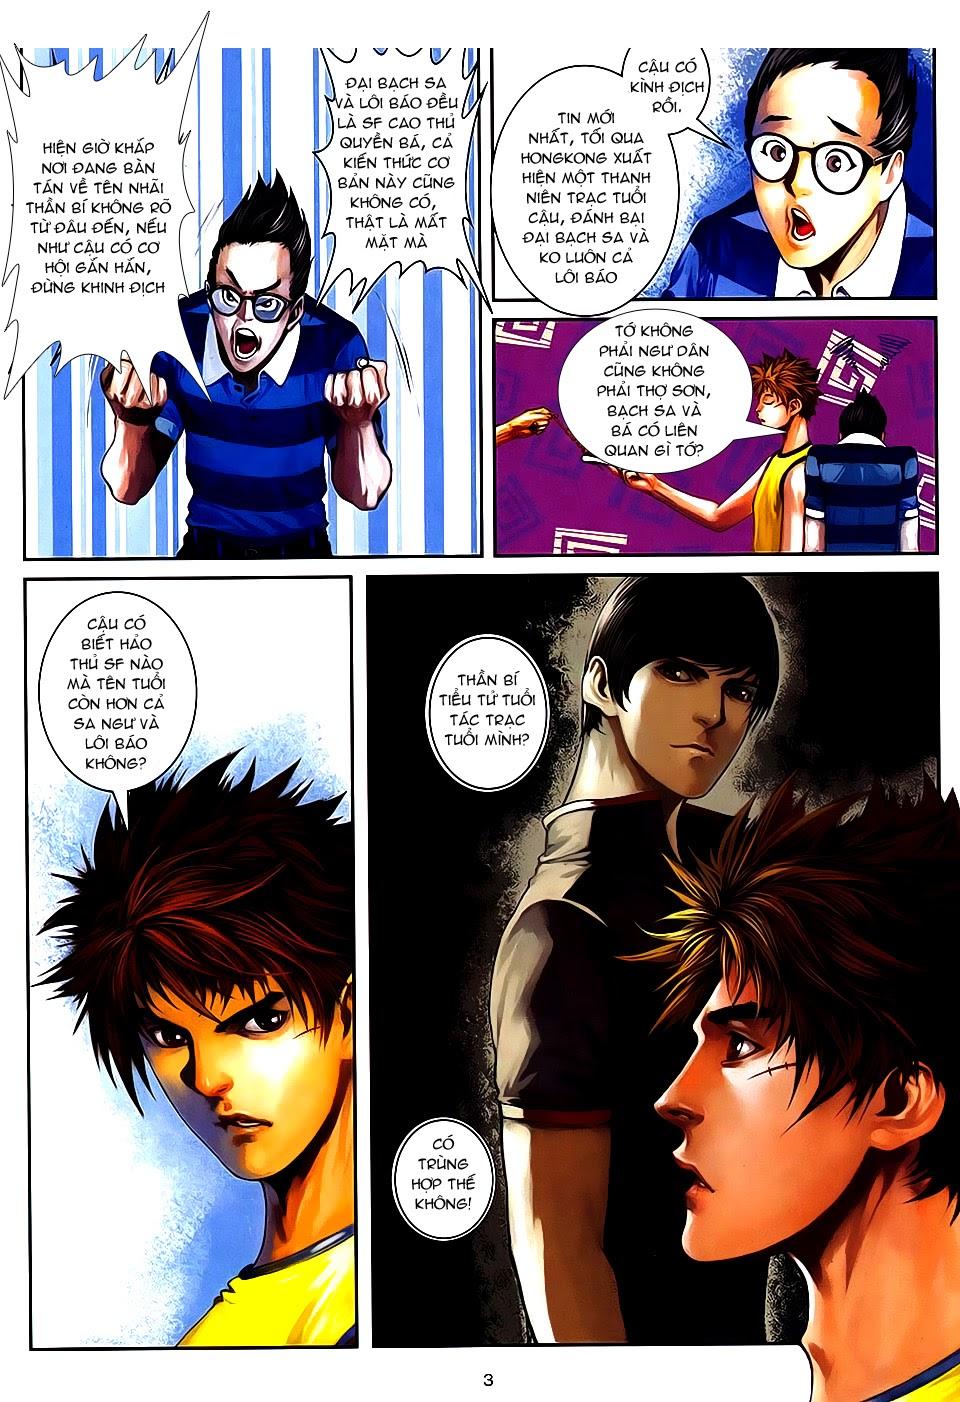 Quyền Đạo chapter 7 trang 3